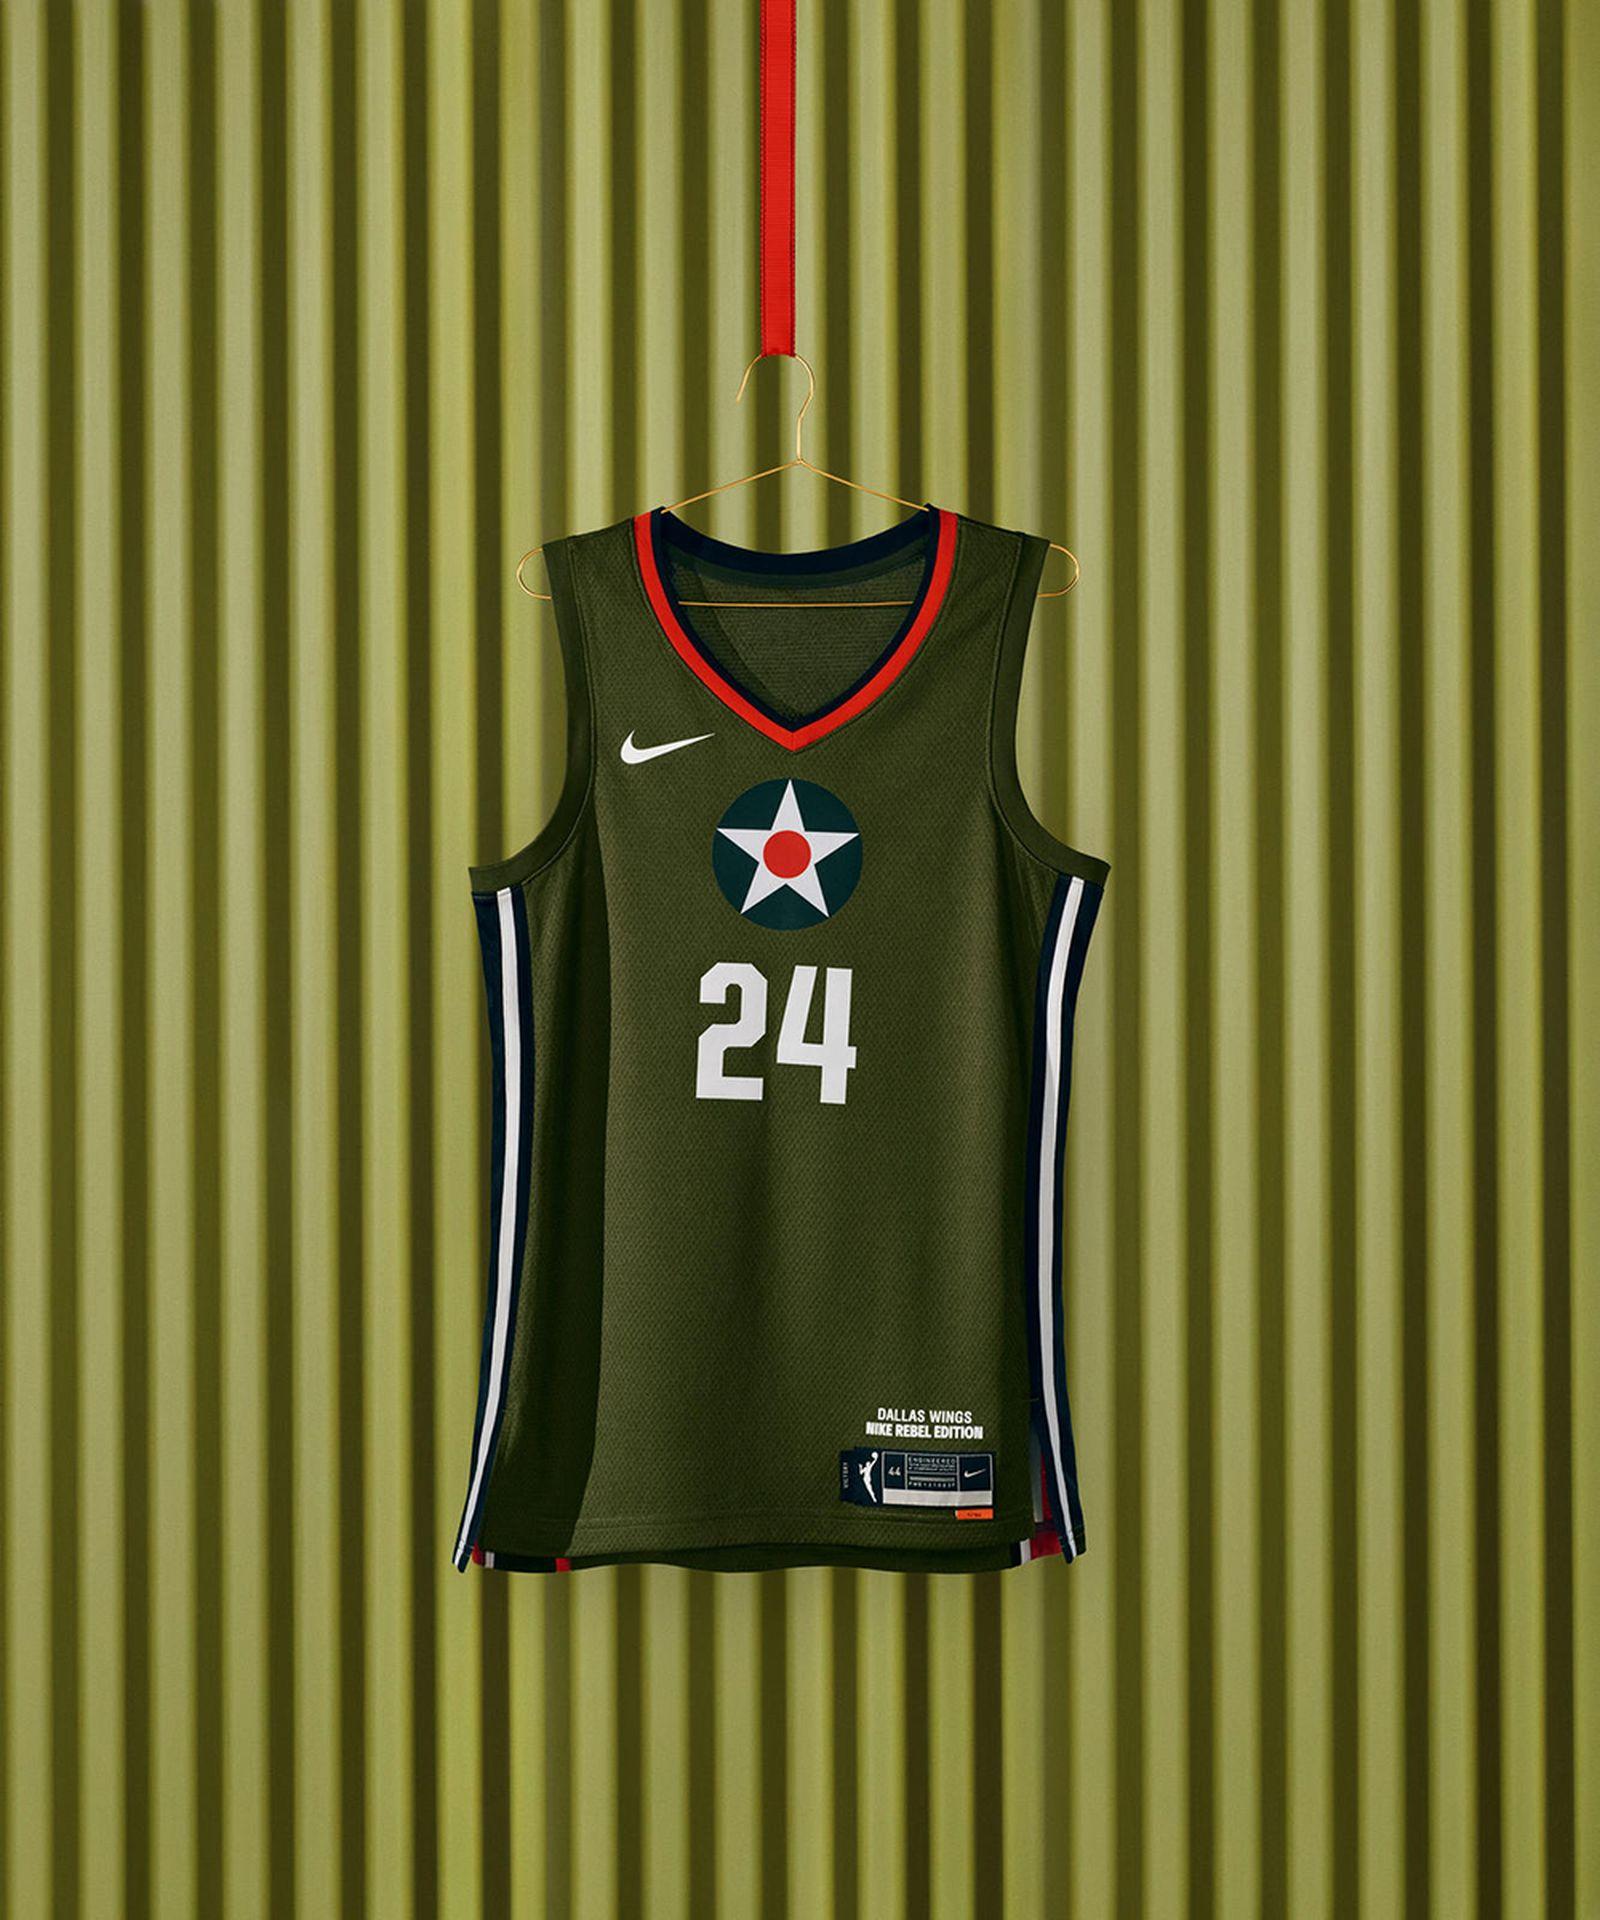 nike-wnba-2021-uniforms-11